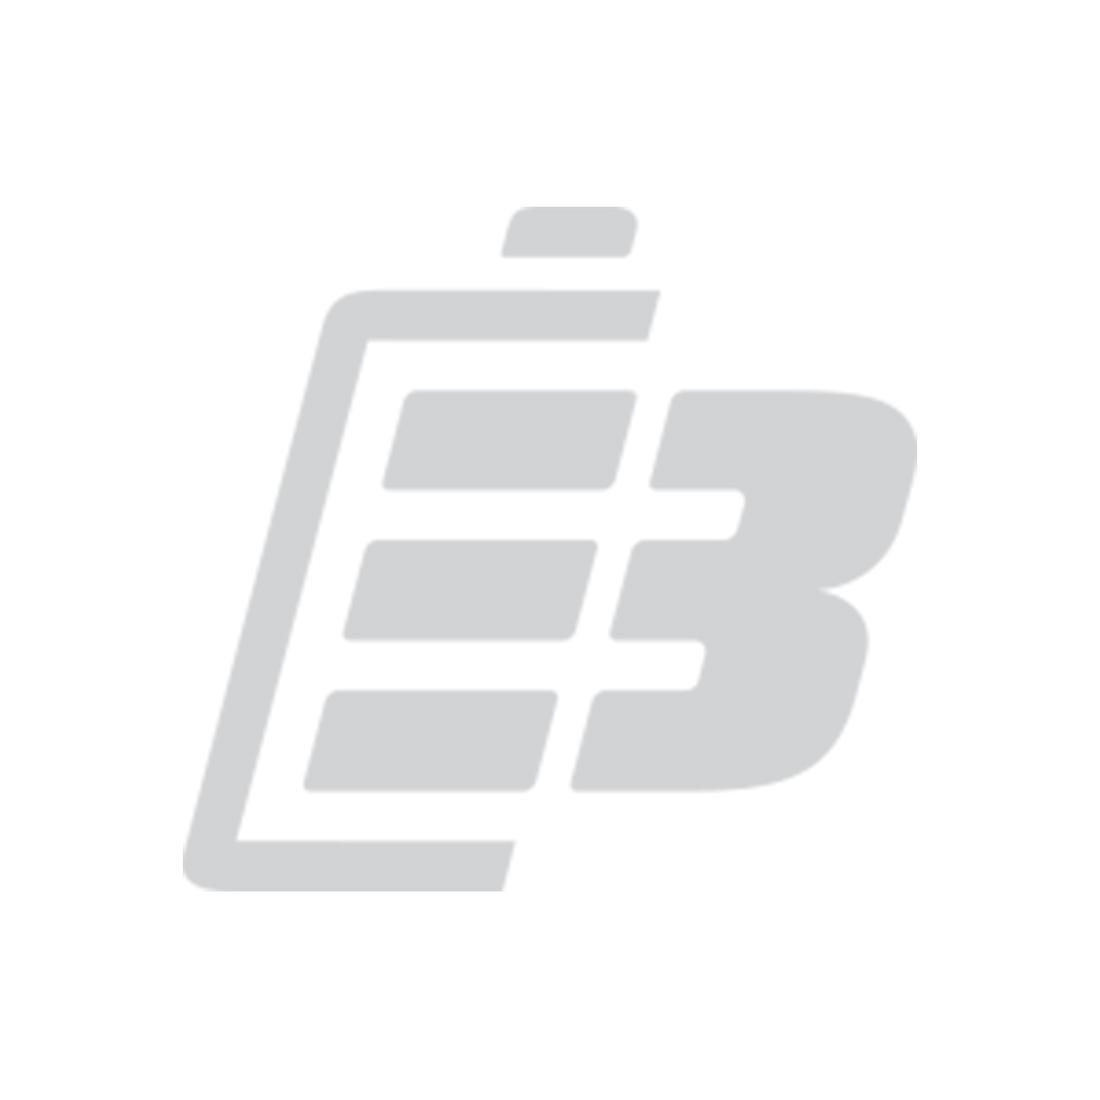 Barcode scanner battery Symbol PDT3300